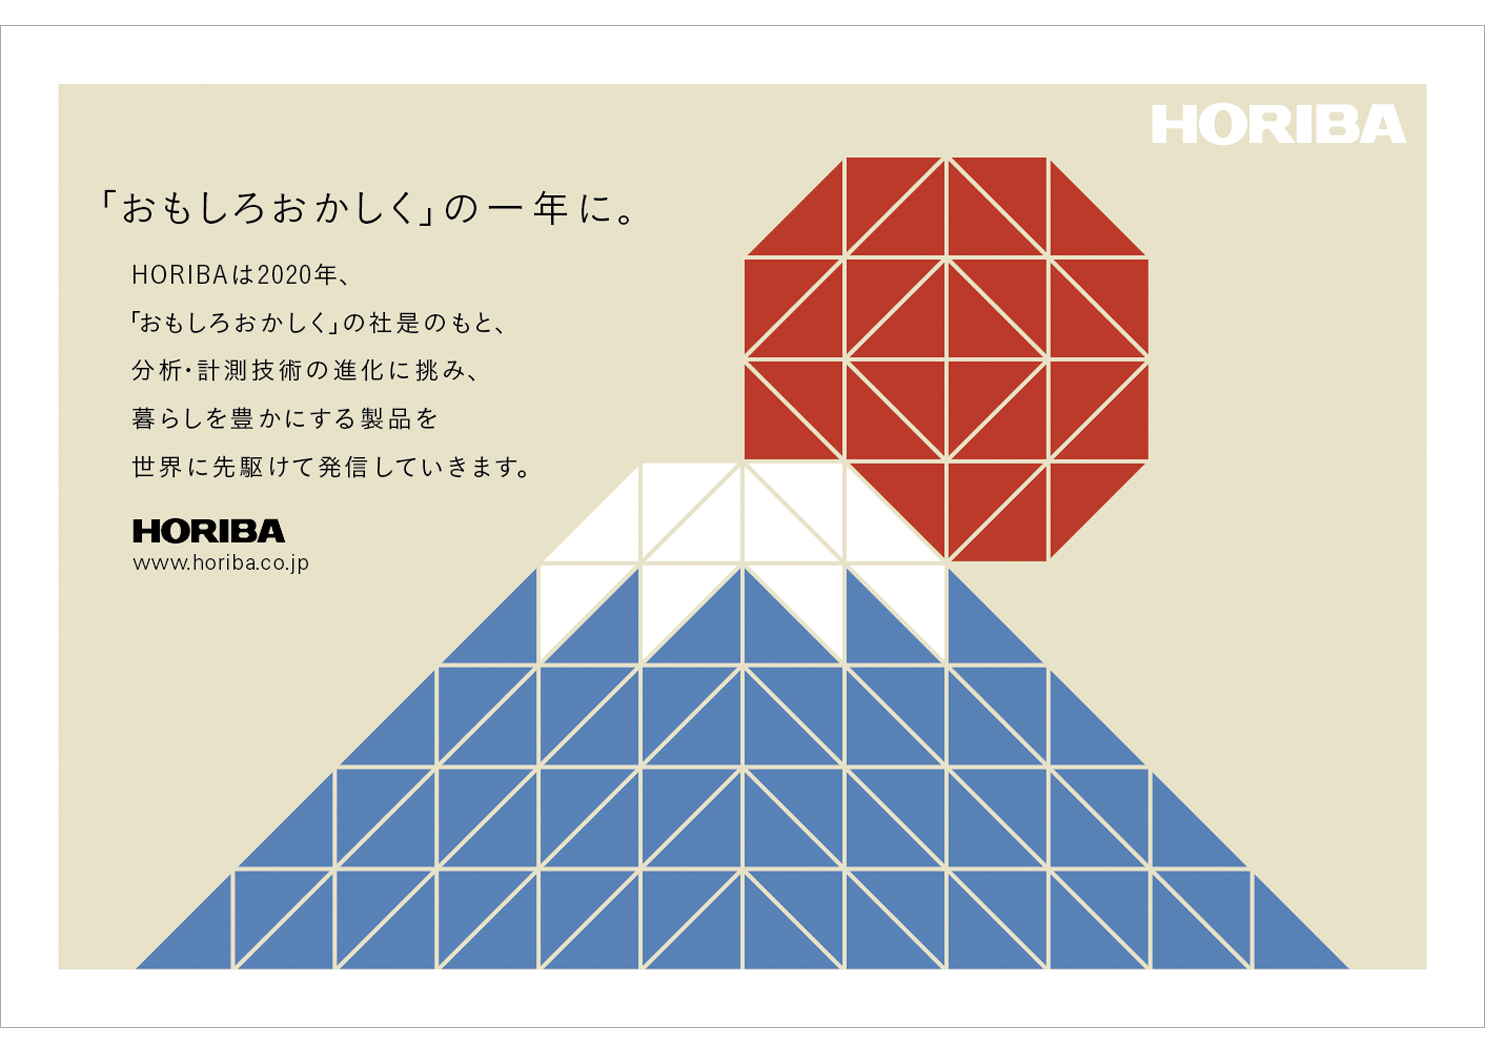 HORIBA New Year's Card 2020